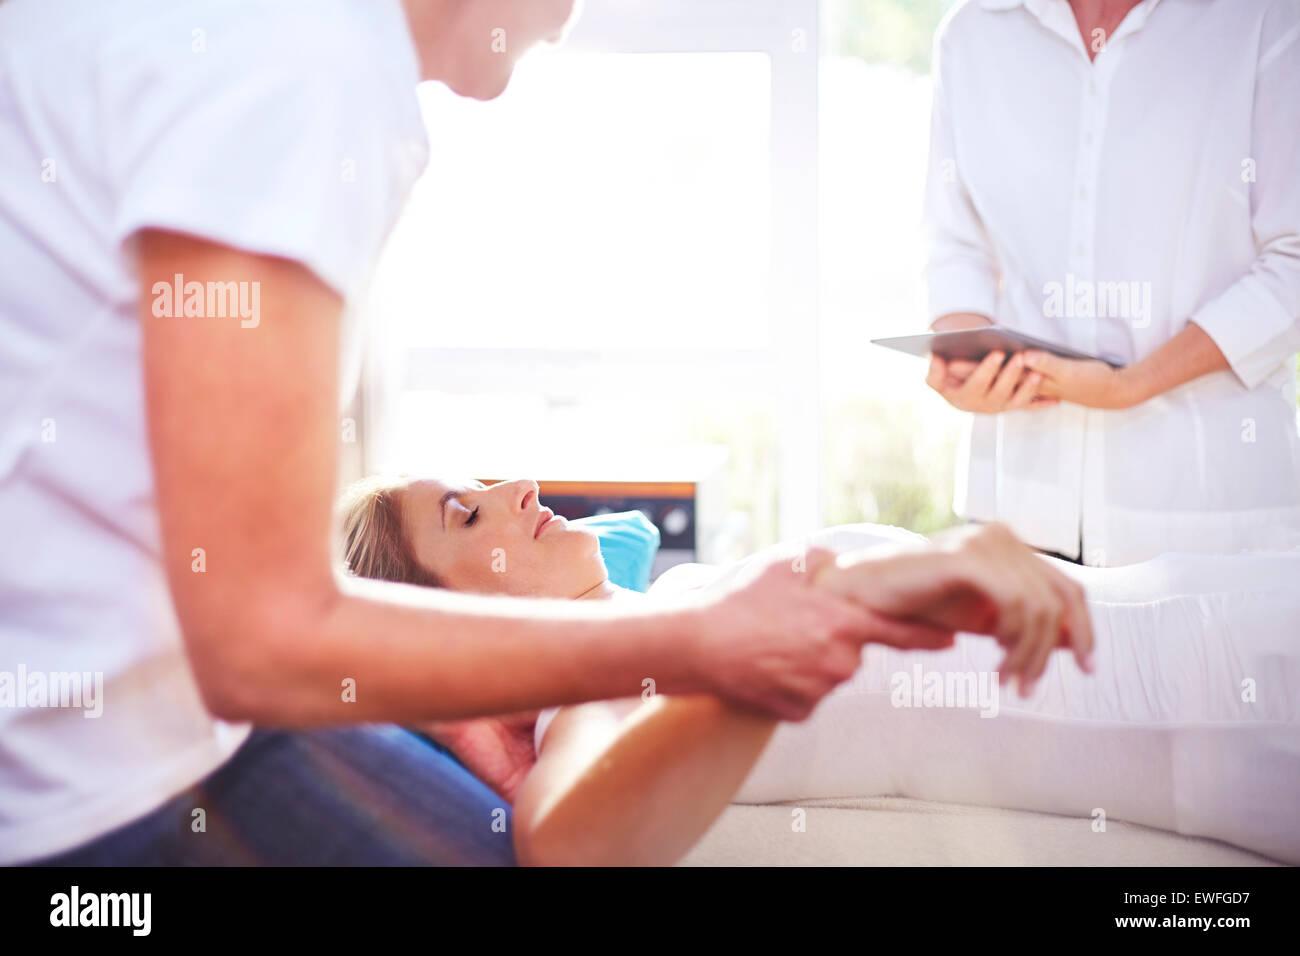 Masseuse massaging woman's hand - Stock Image